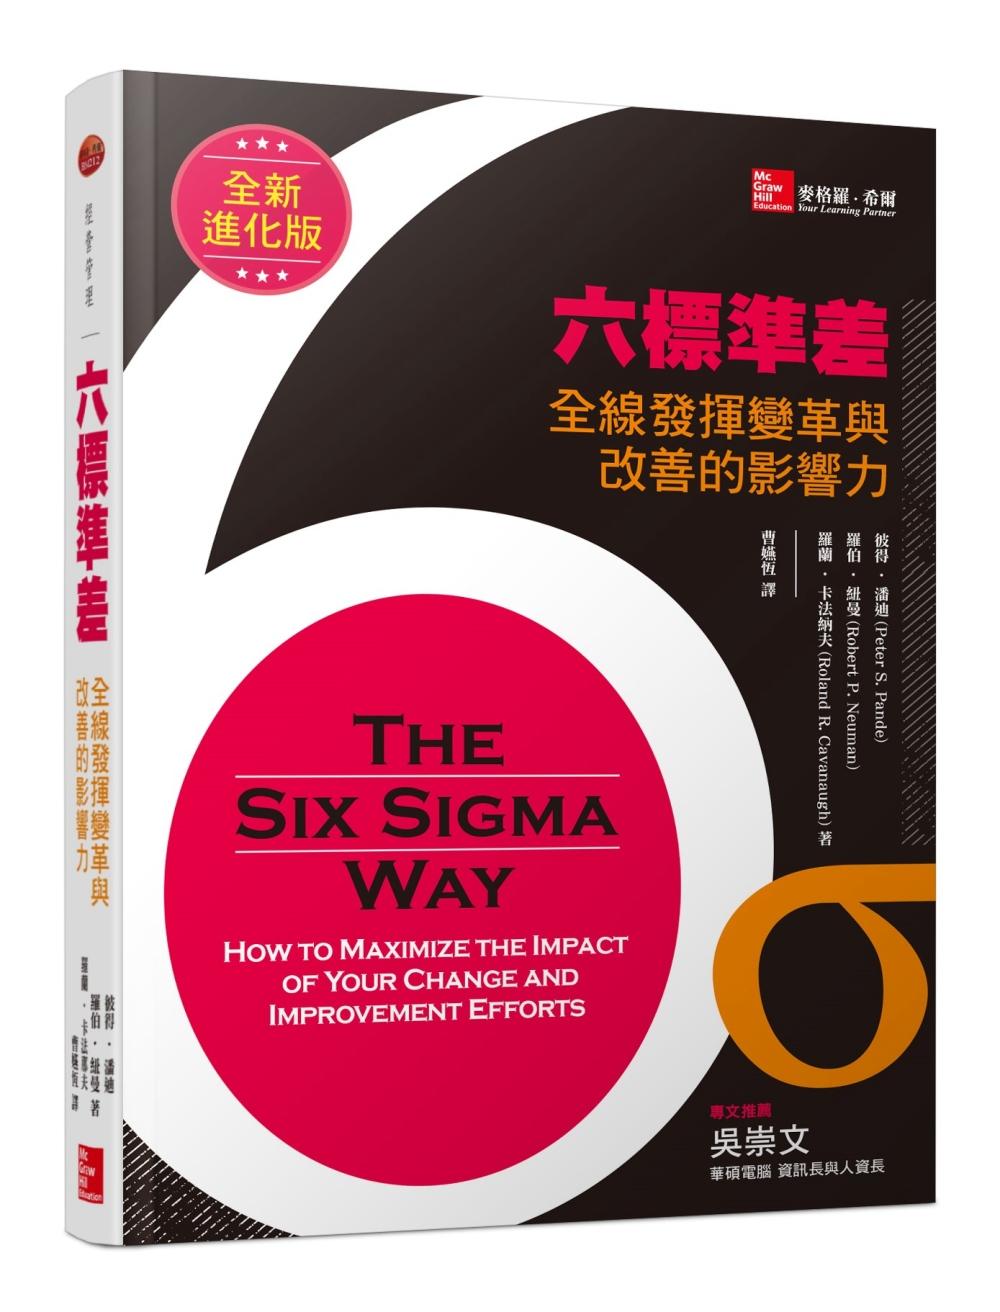 六標準差:全線發揮變革與改善的影響力(全新進化版)